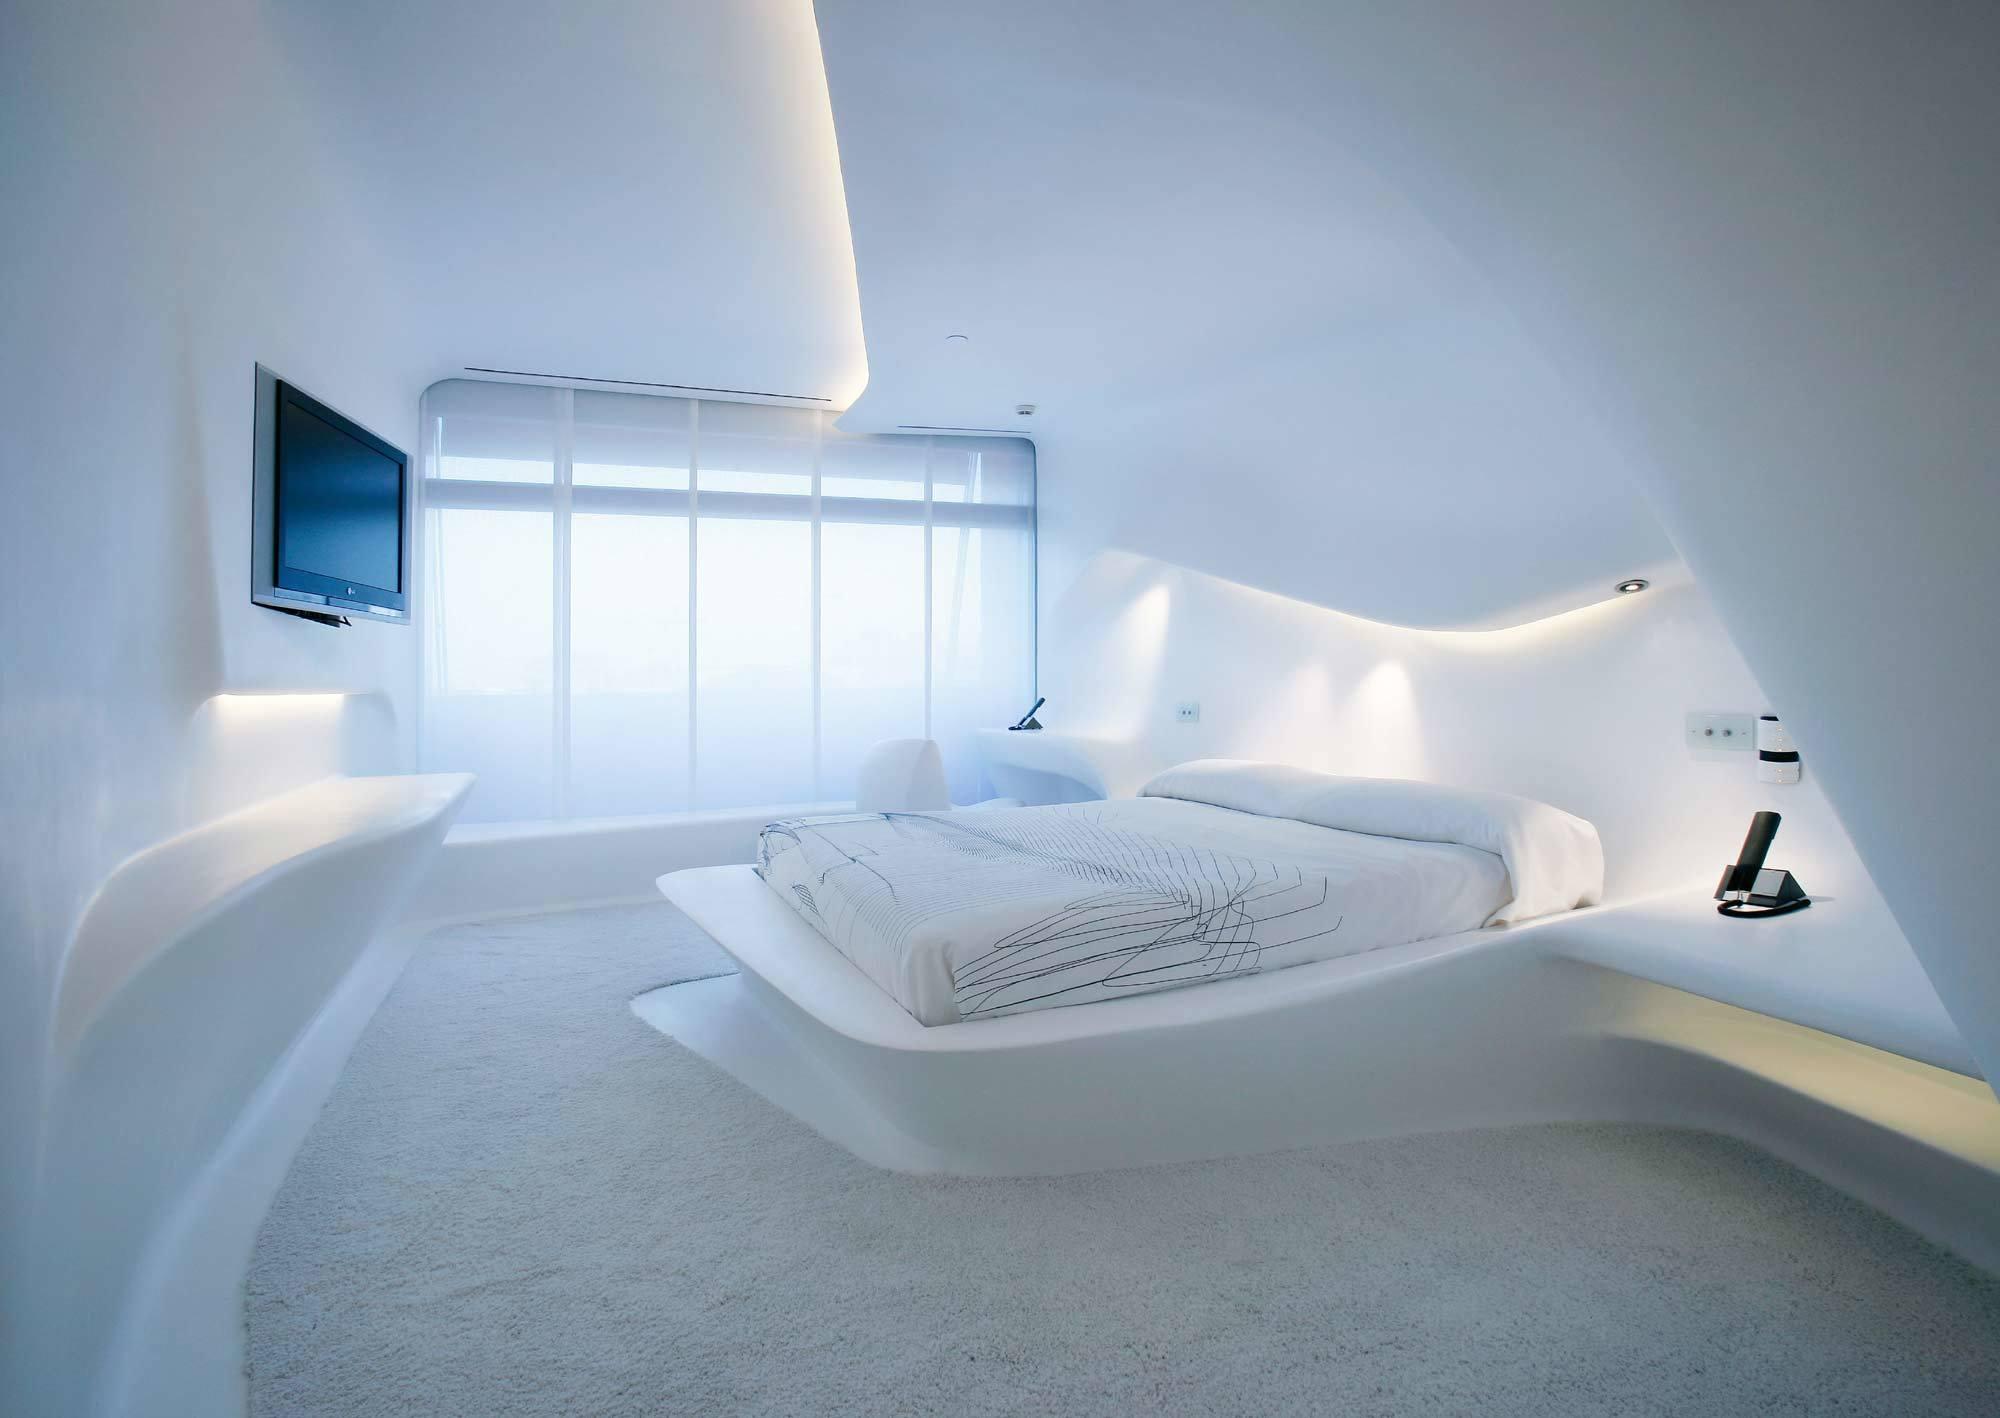 Zimmergestaltung im Hotel Puerta America von Zaha Hadid Architects, Madrid (2005), Foto: Hotel Silken